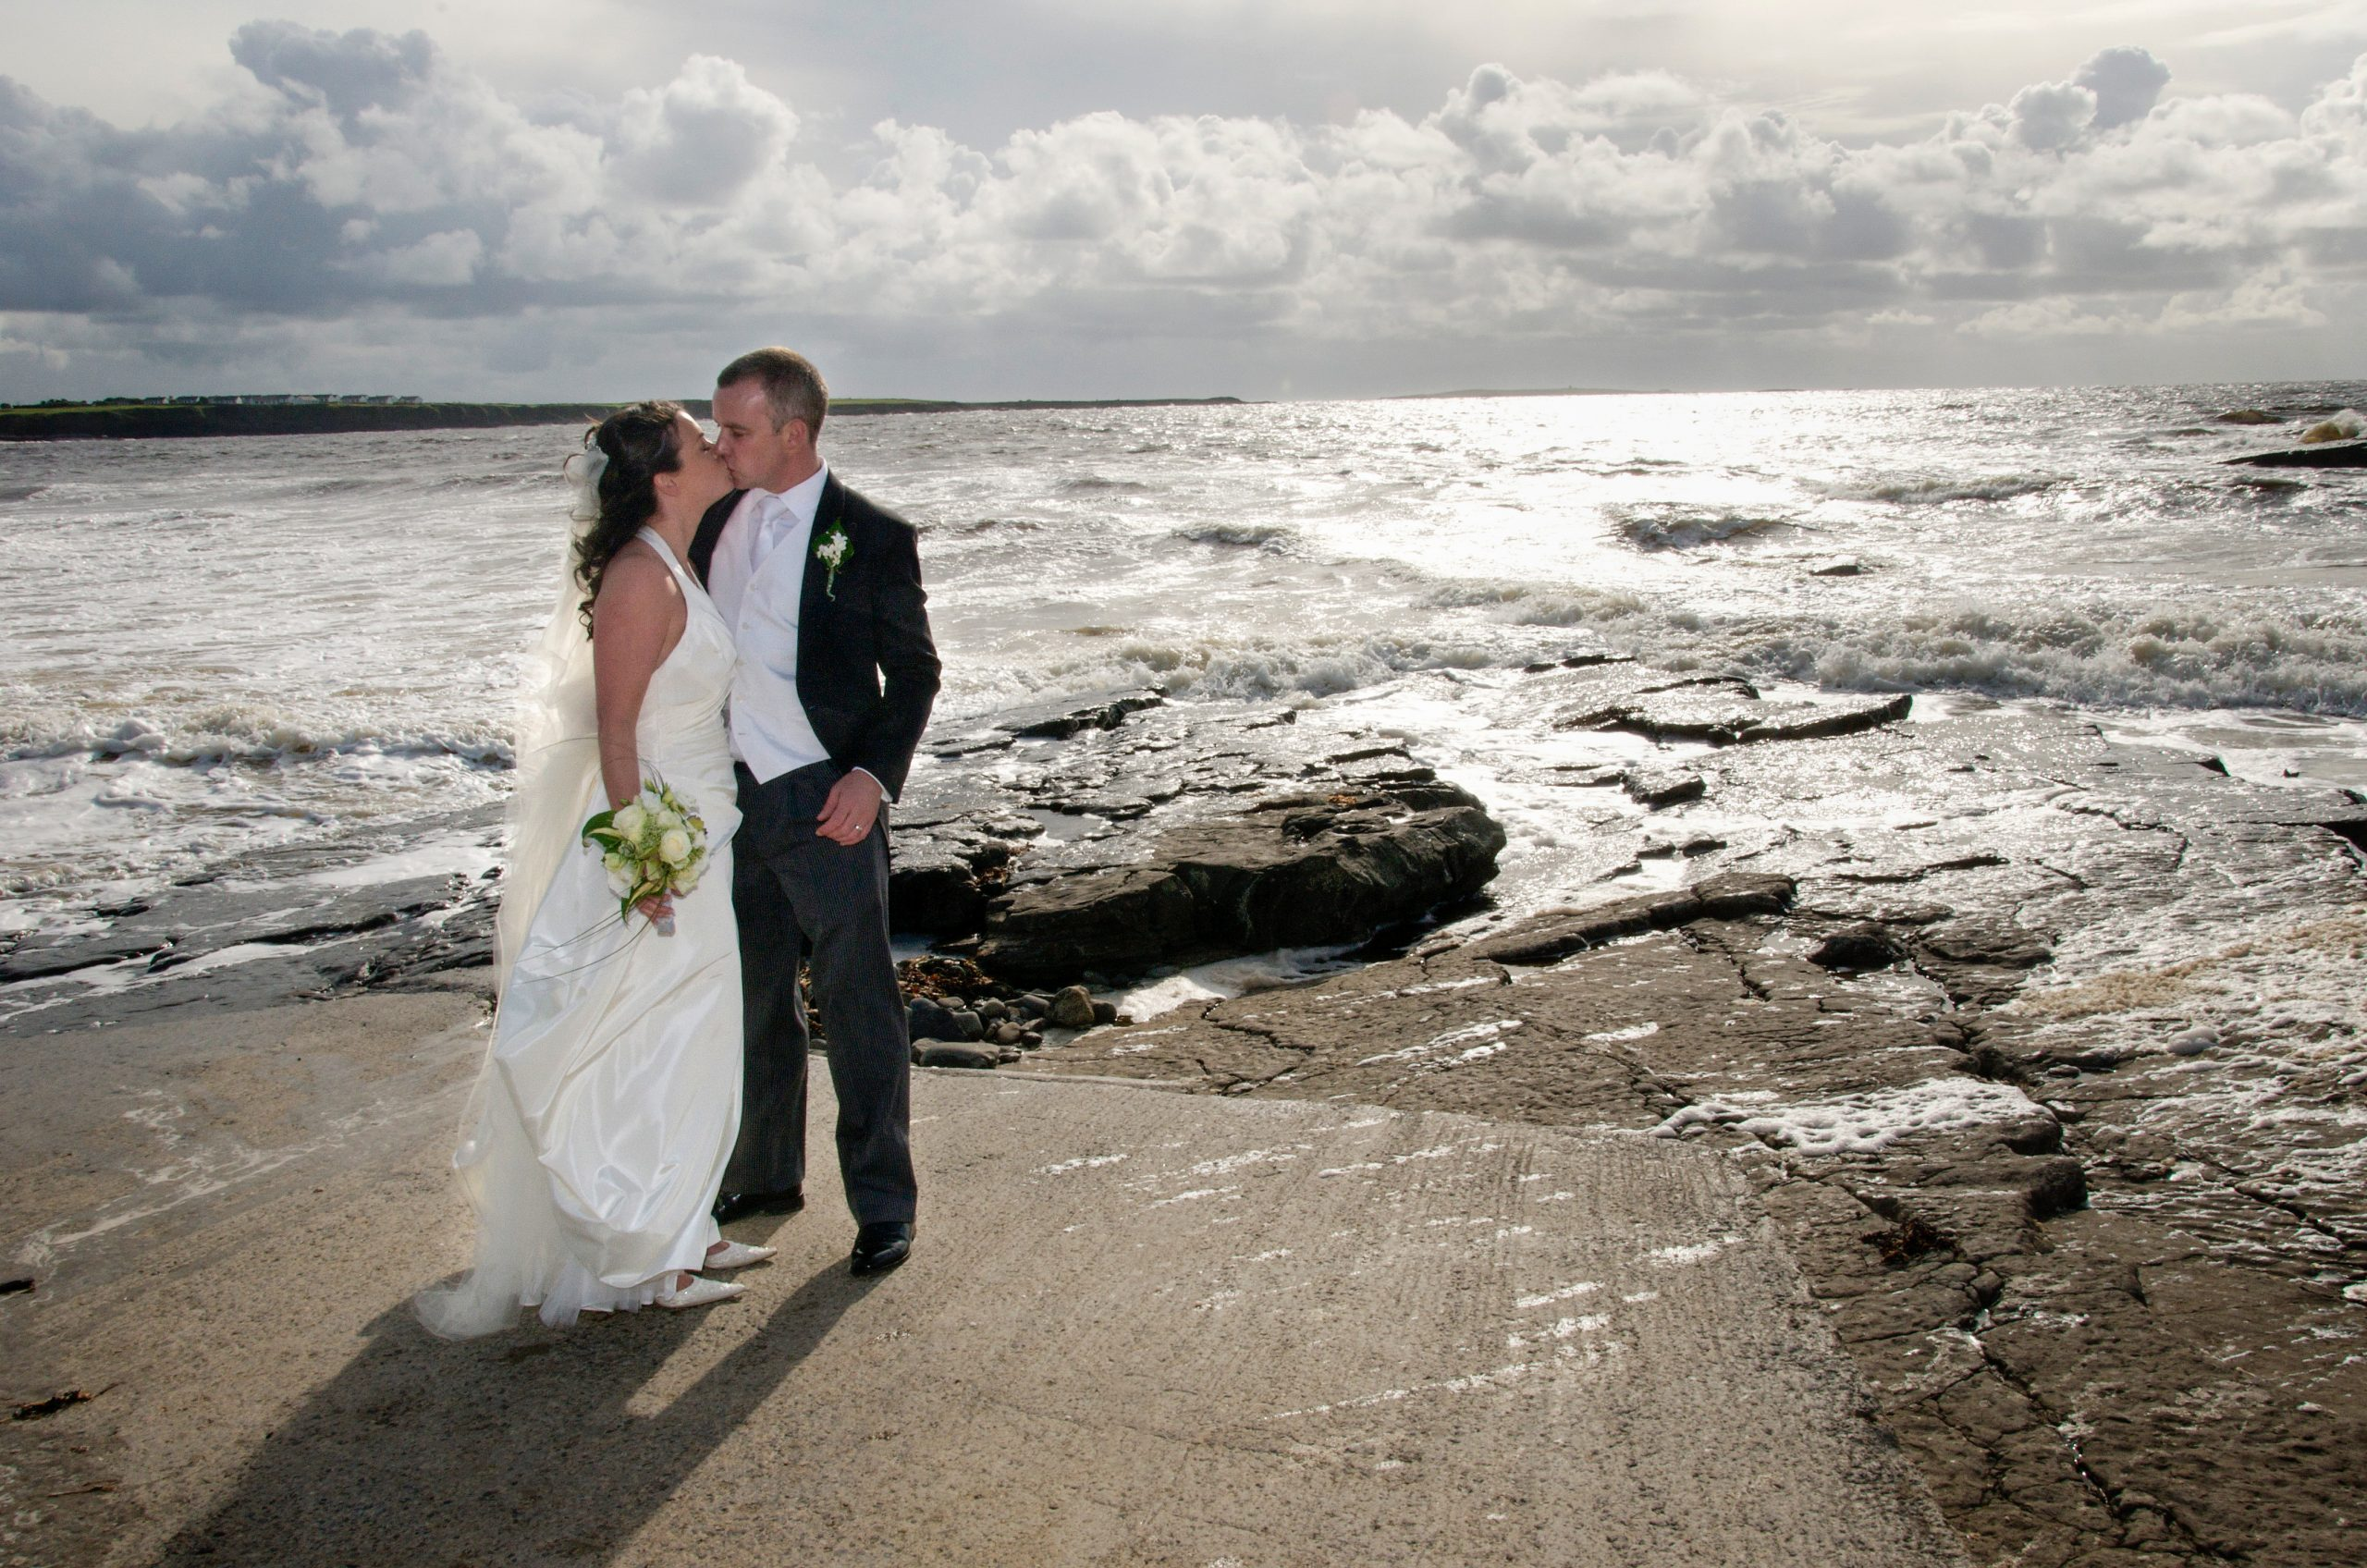 Eloping in Ireland Wild Atlantic Way